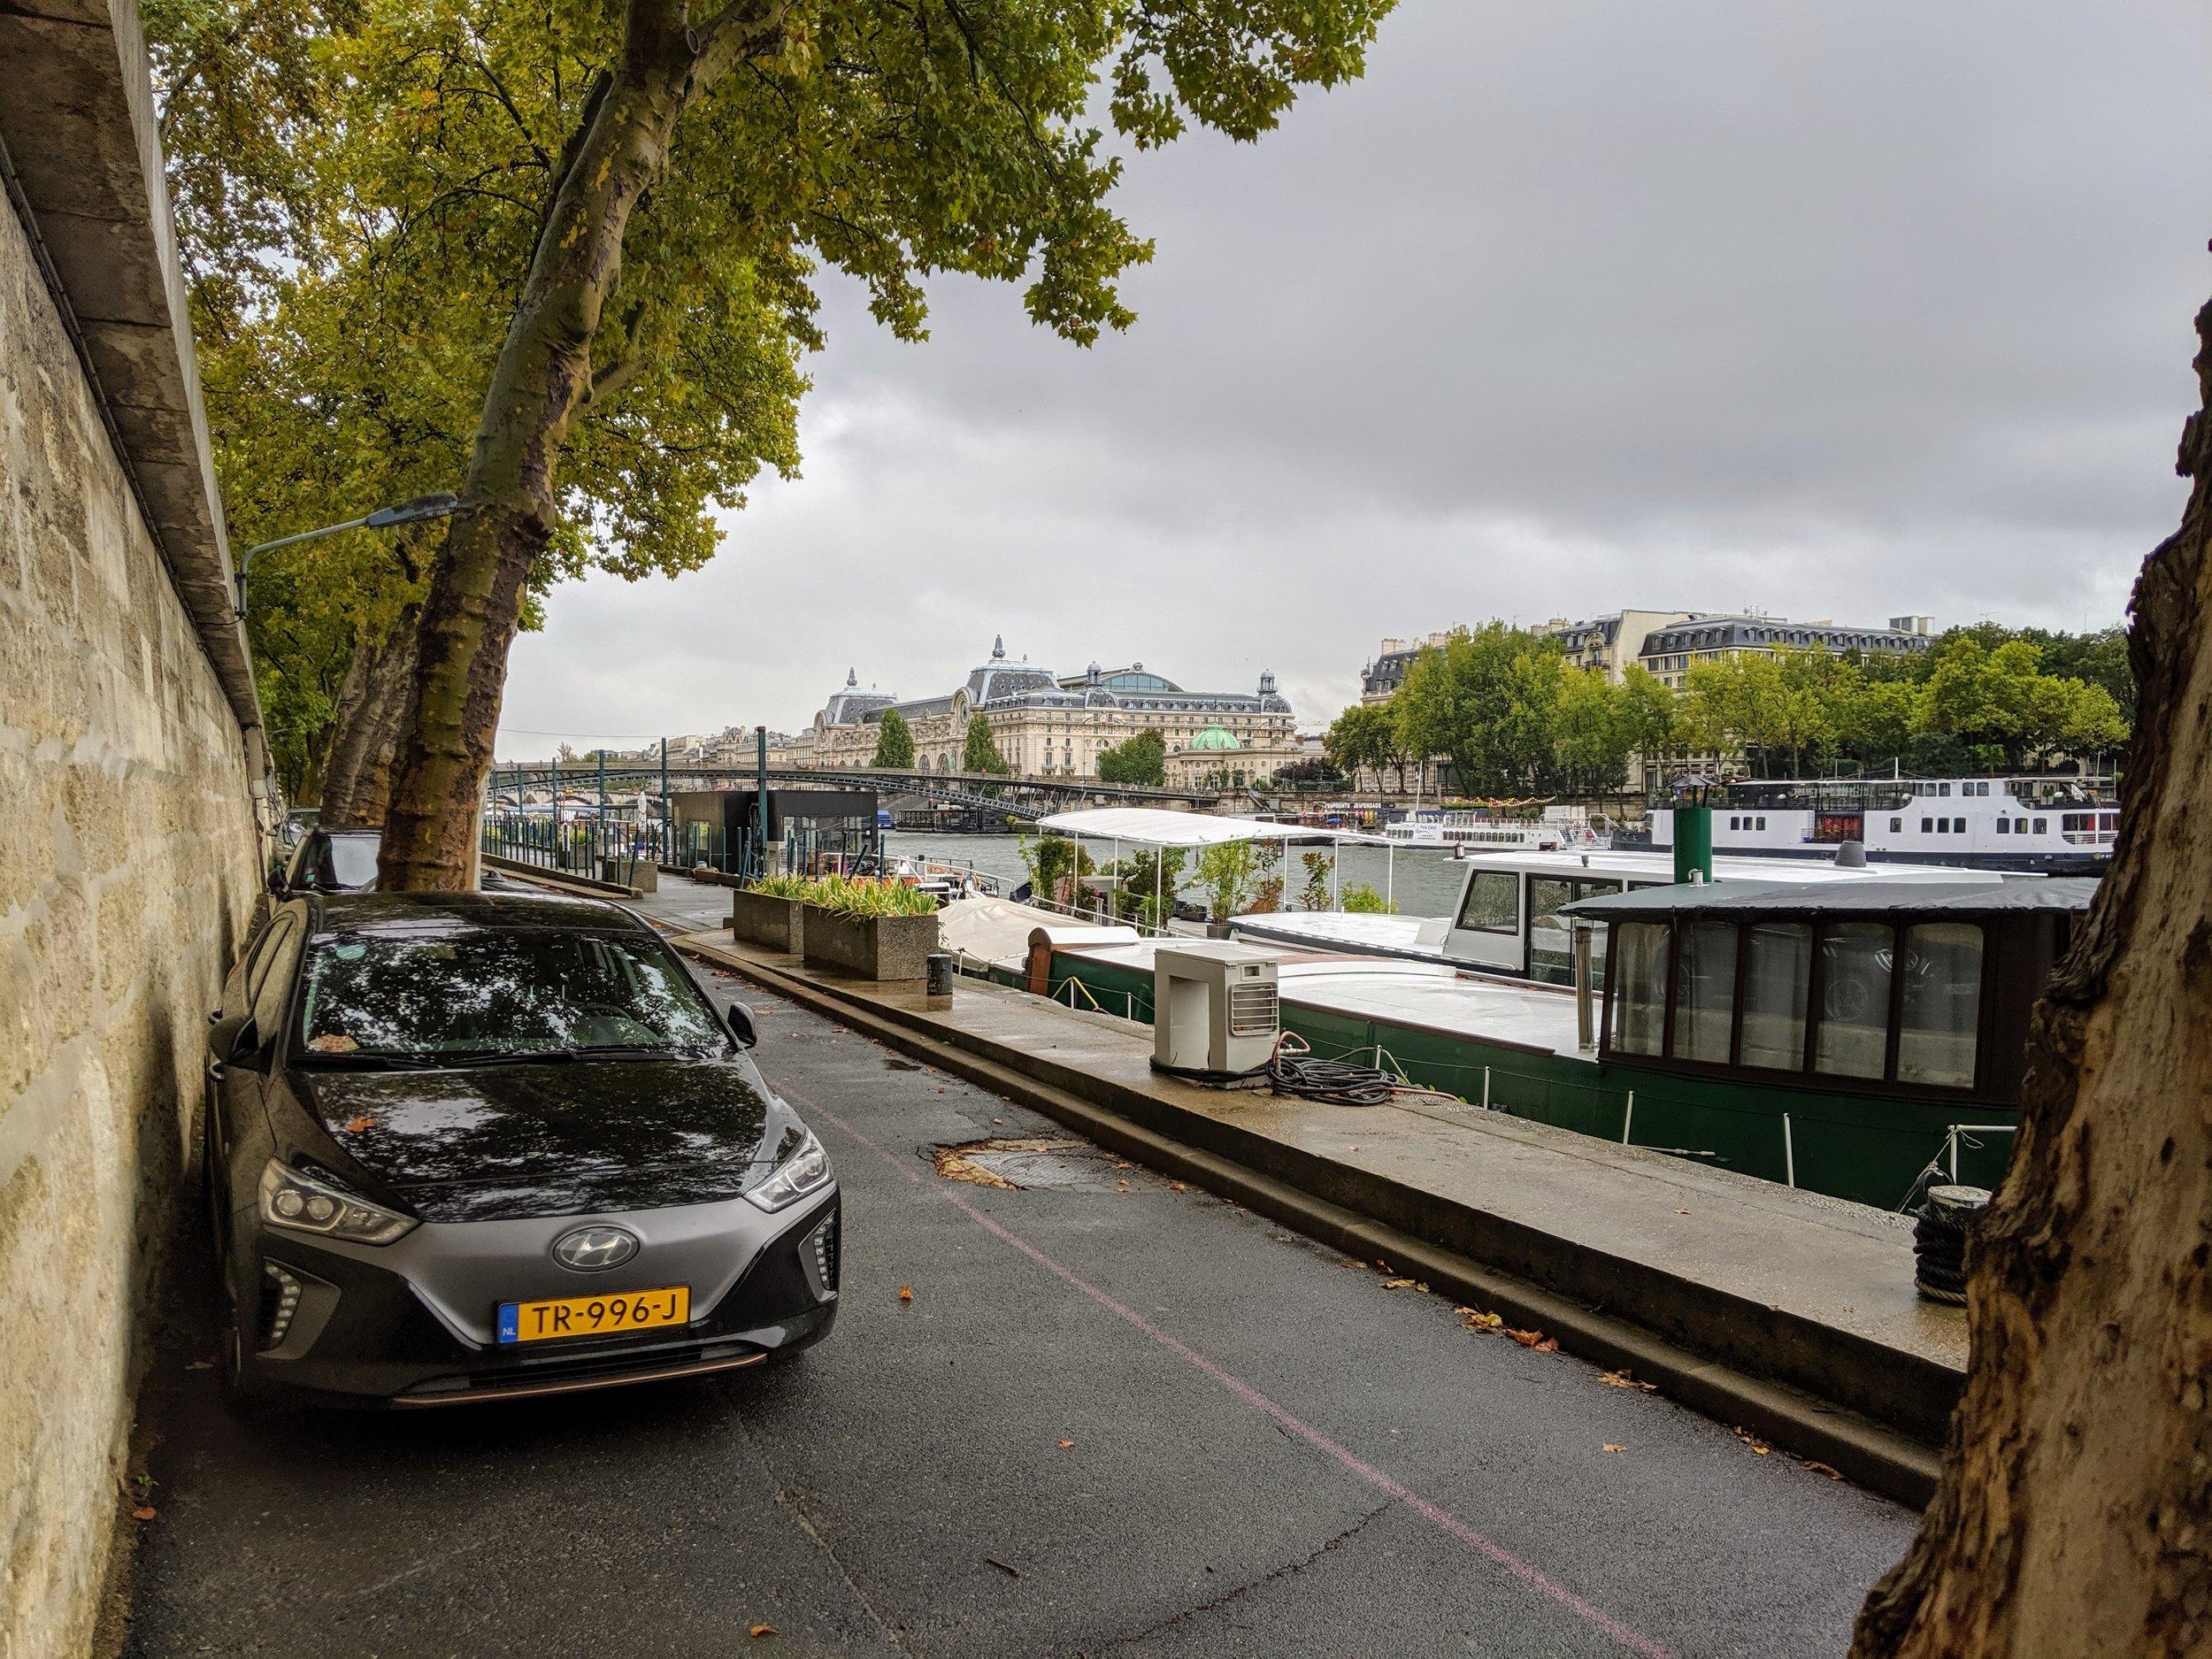 My favourite parking spot in Paris, next to the Seine.